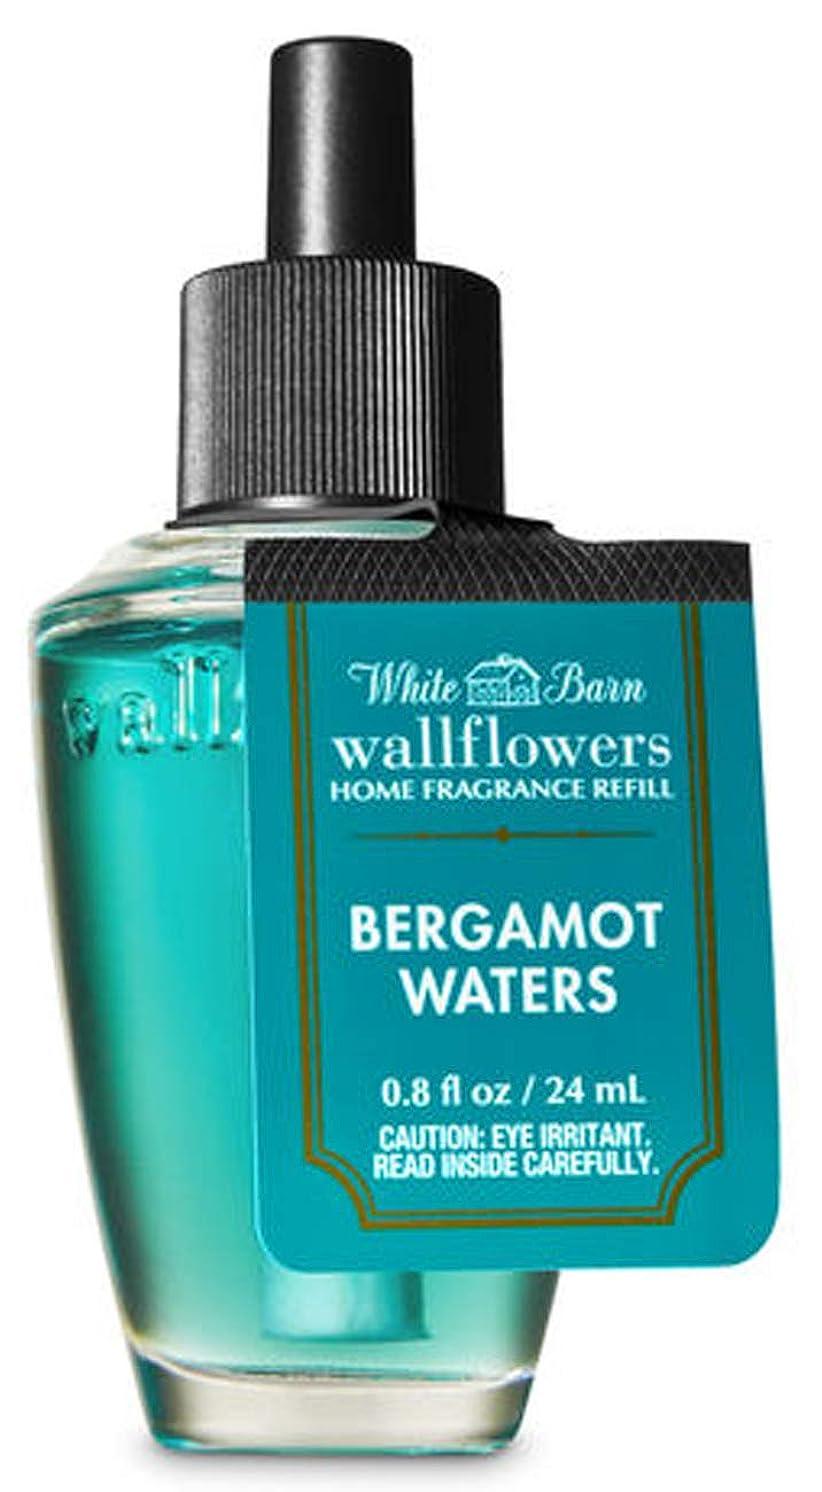 朝ごはん若さ光沢バス&ボディワークス Bath & Body Works ベルガモットウォーター ルームフレグランス レフィル 芳香剤 24ml (本体別売り)[並行輸入品]